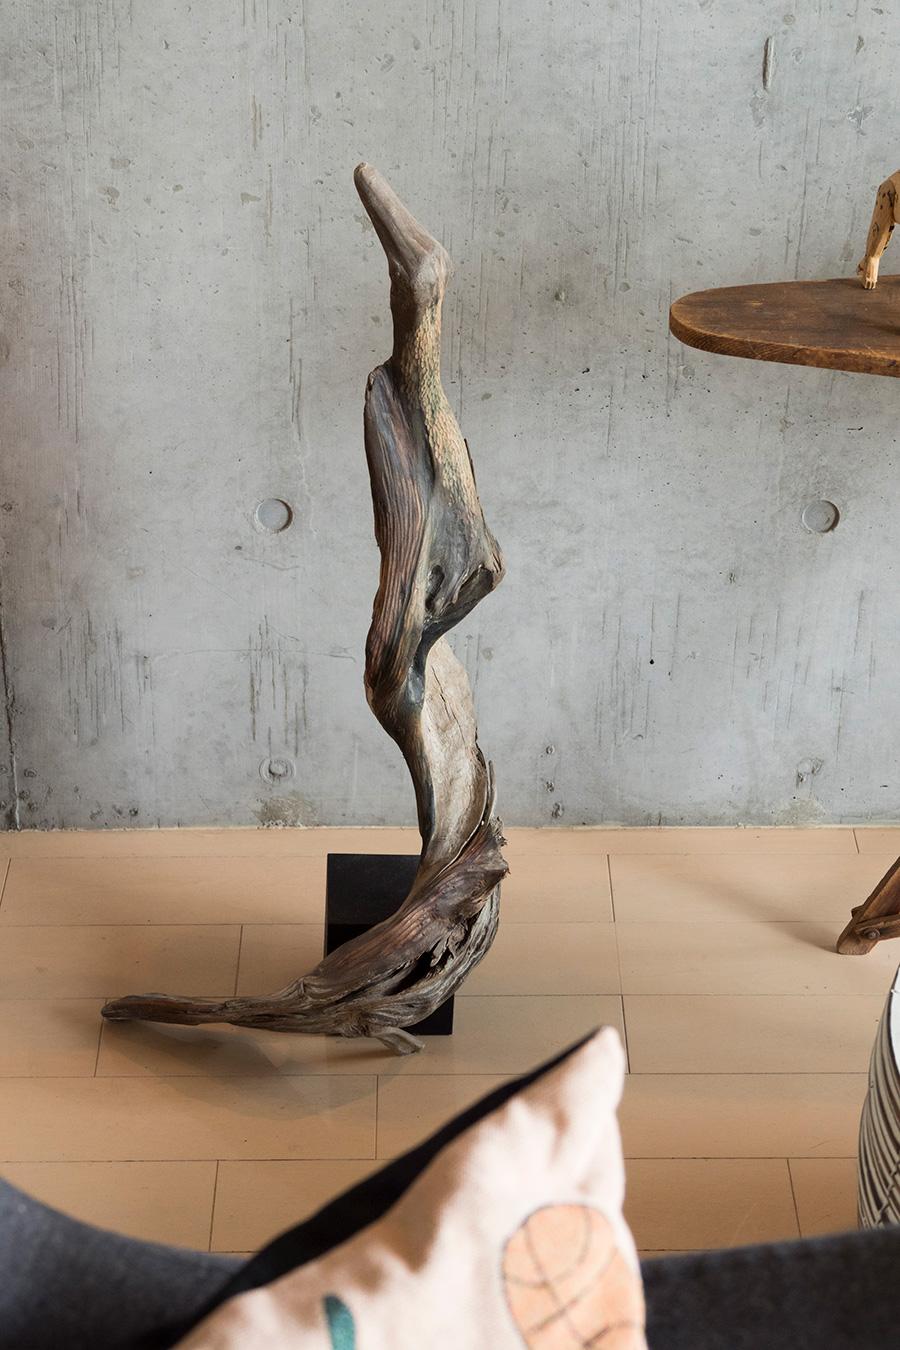 流木を使ったアート。クチバシとウロコから鳥を模したものと思われる。「何か惹かれるものがあったんです」。